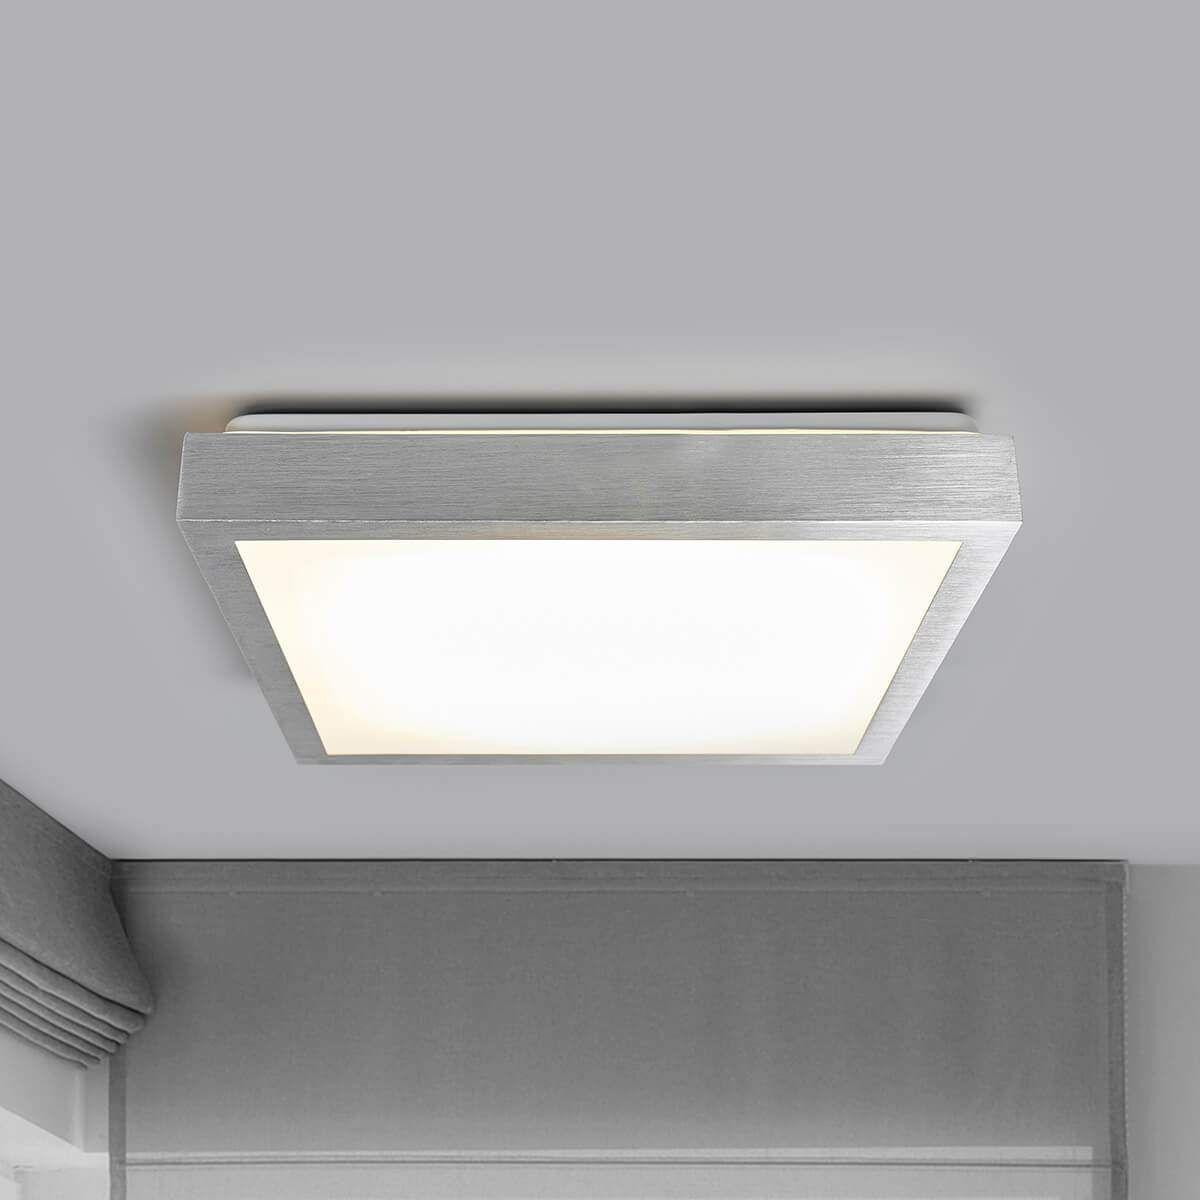 LED Deckenlampe Deckenleuchte Eckig Easydim Dimmbar über Wandschalter Flur